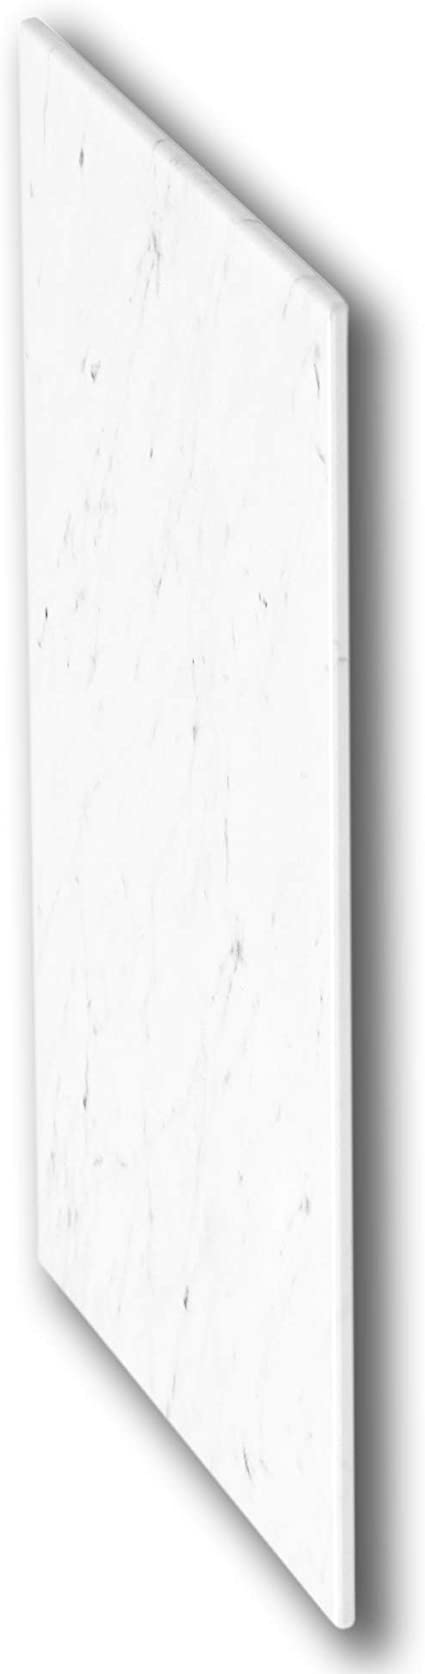 Erhard-Trading IKEA BESTA 603.638.80 - Placa de cubierta de ...